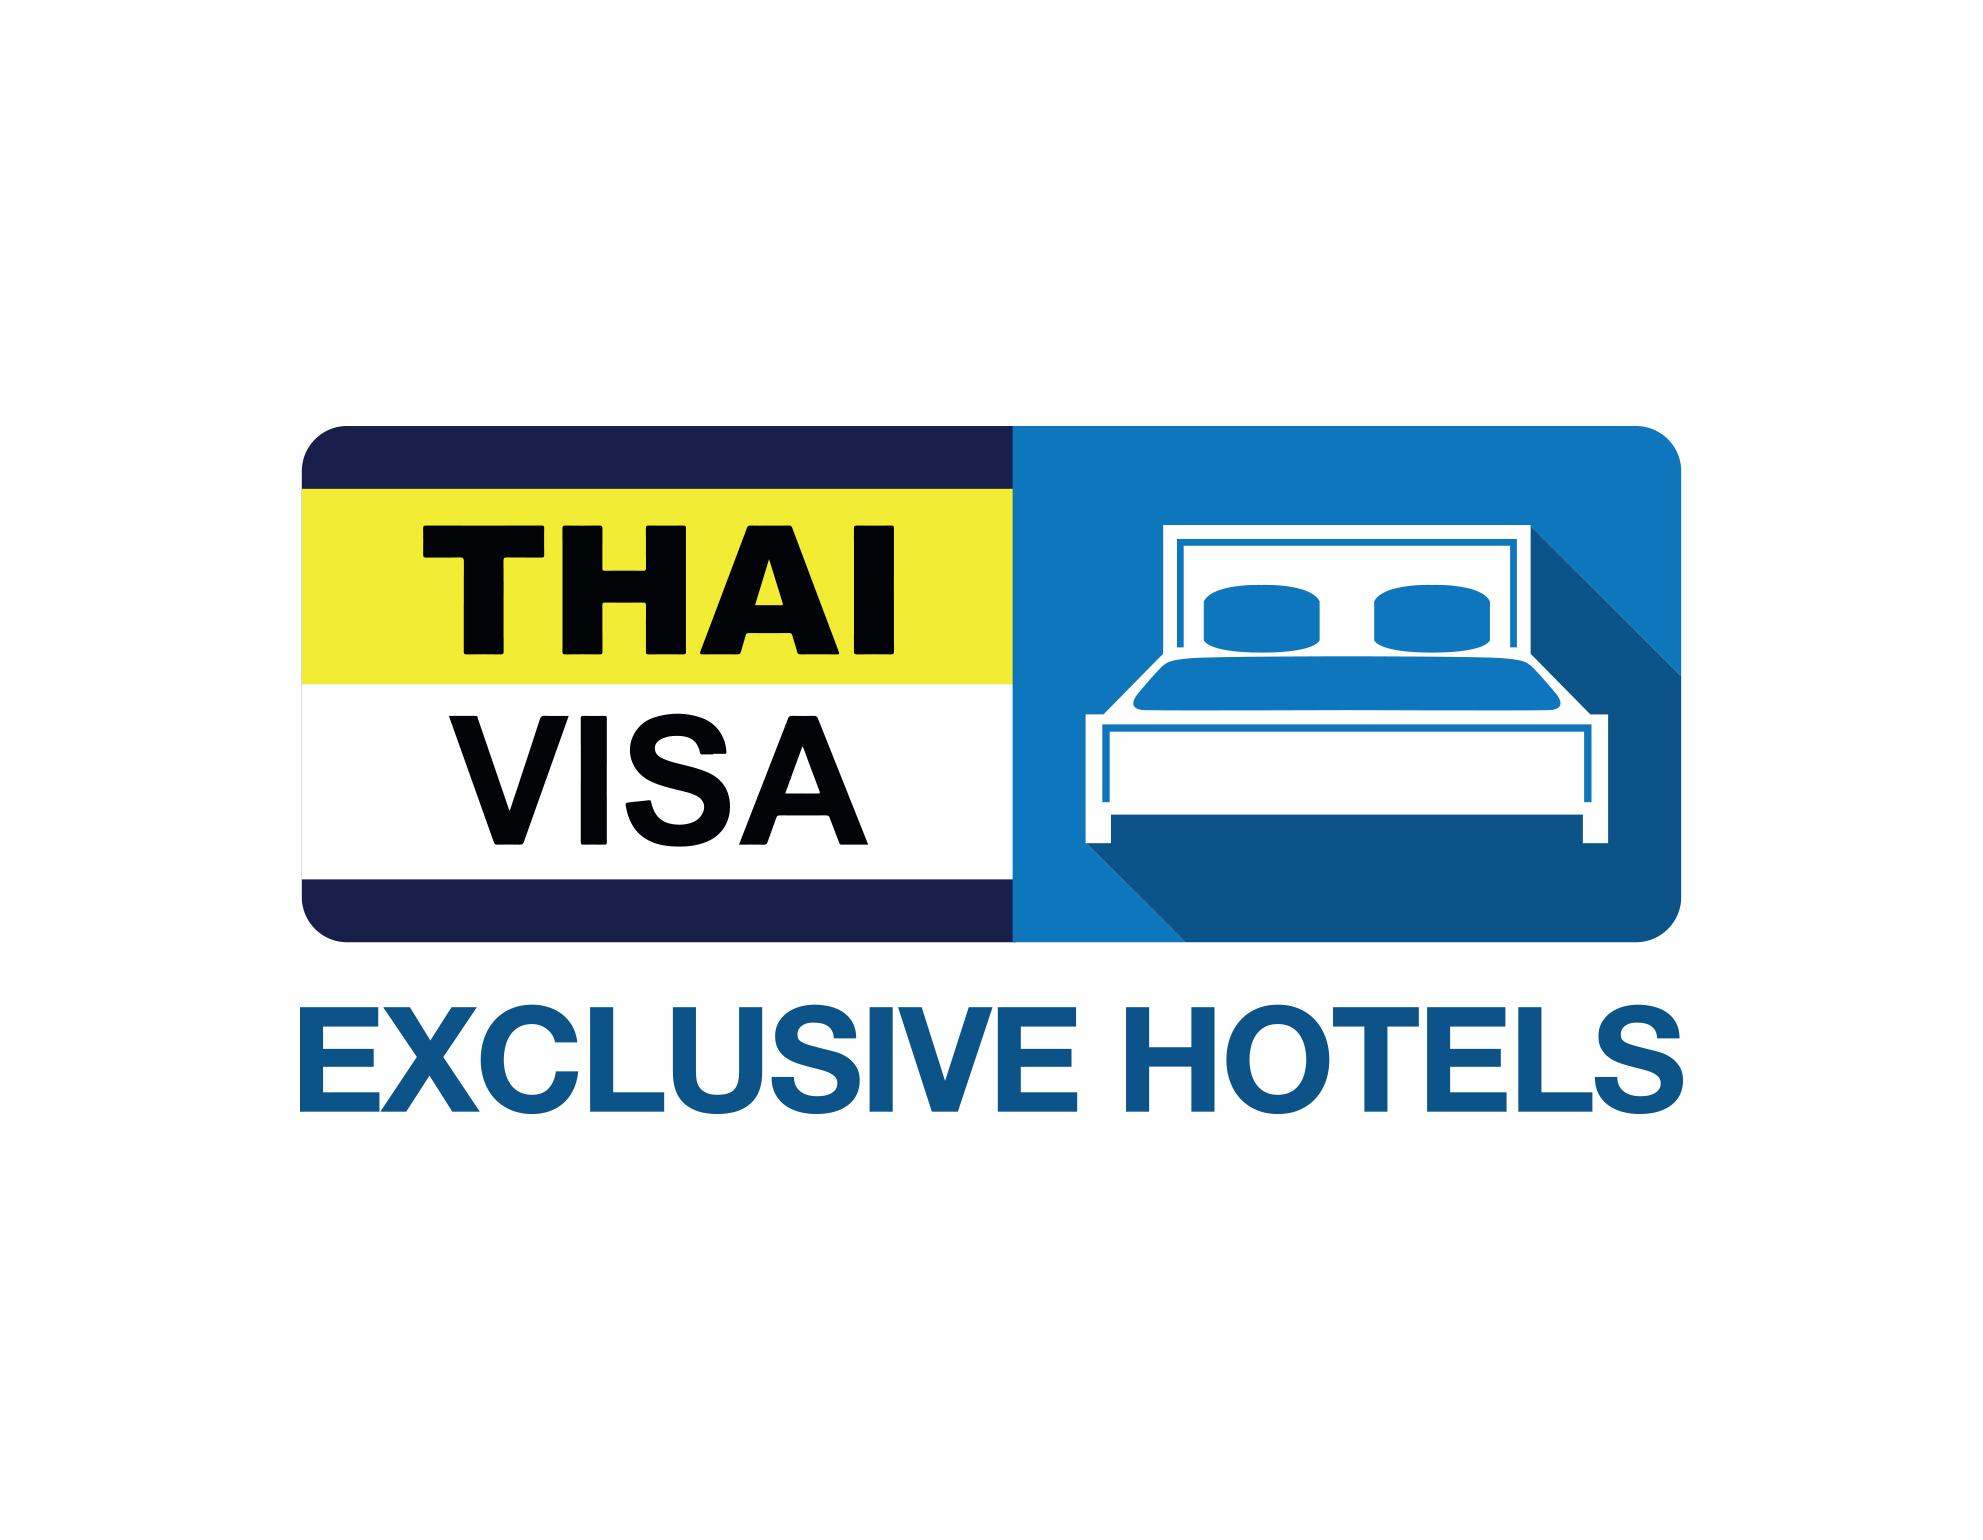 Thaivisa Hotel Bookings